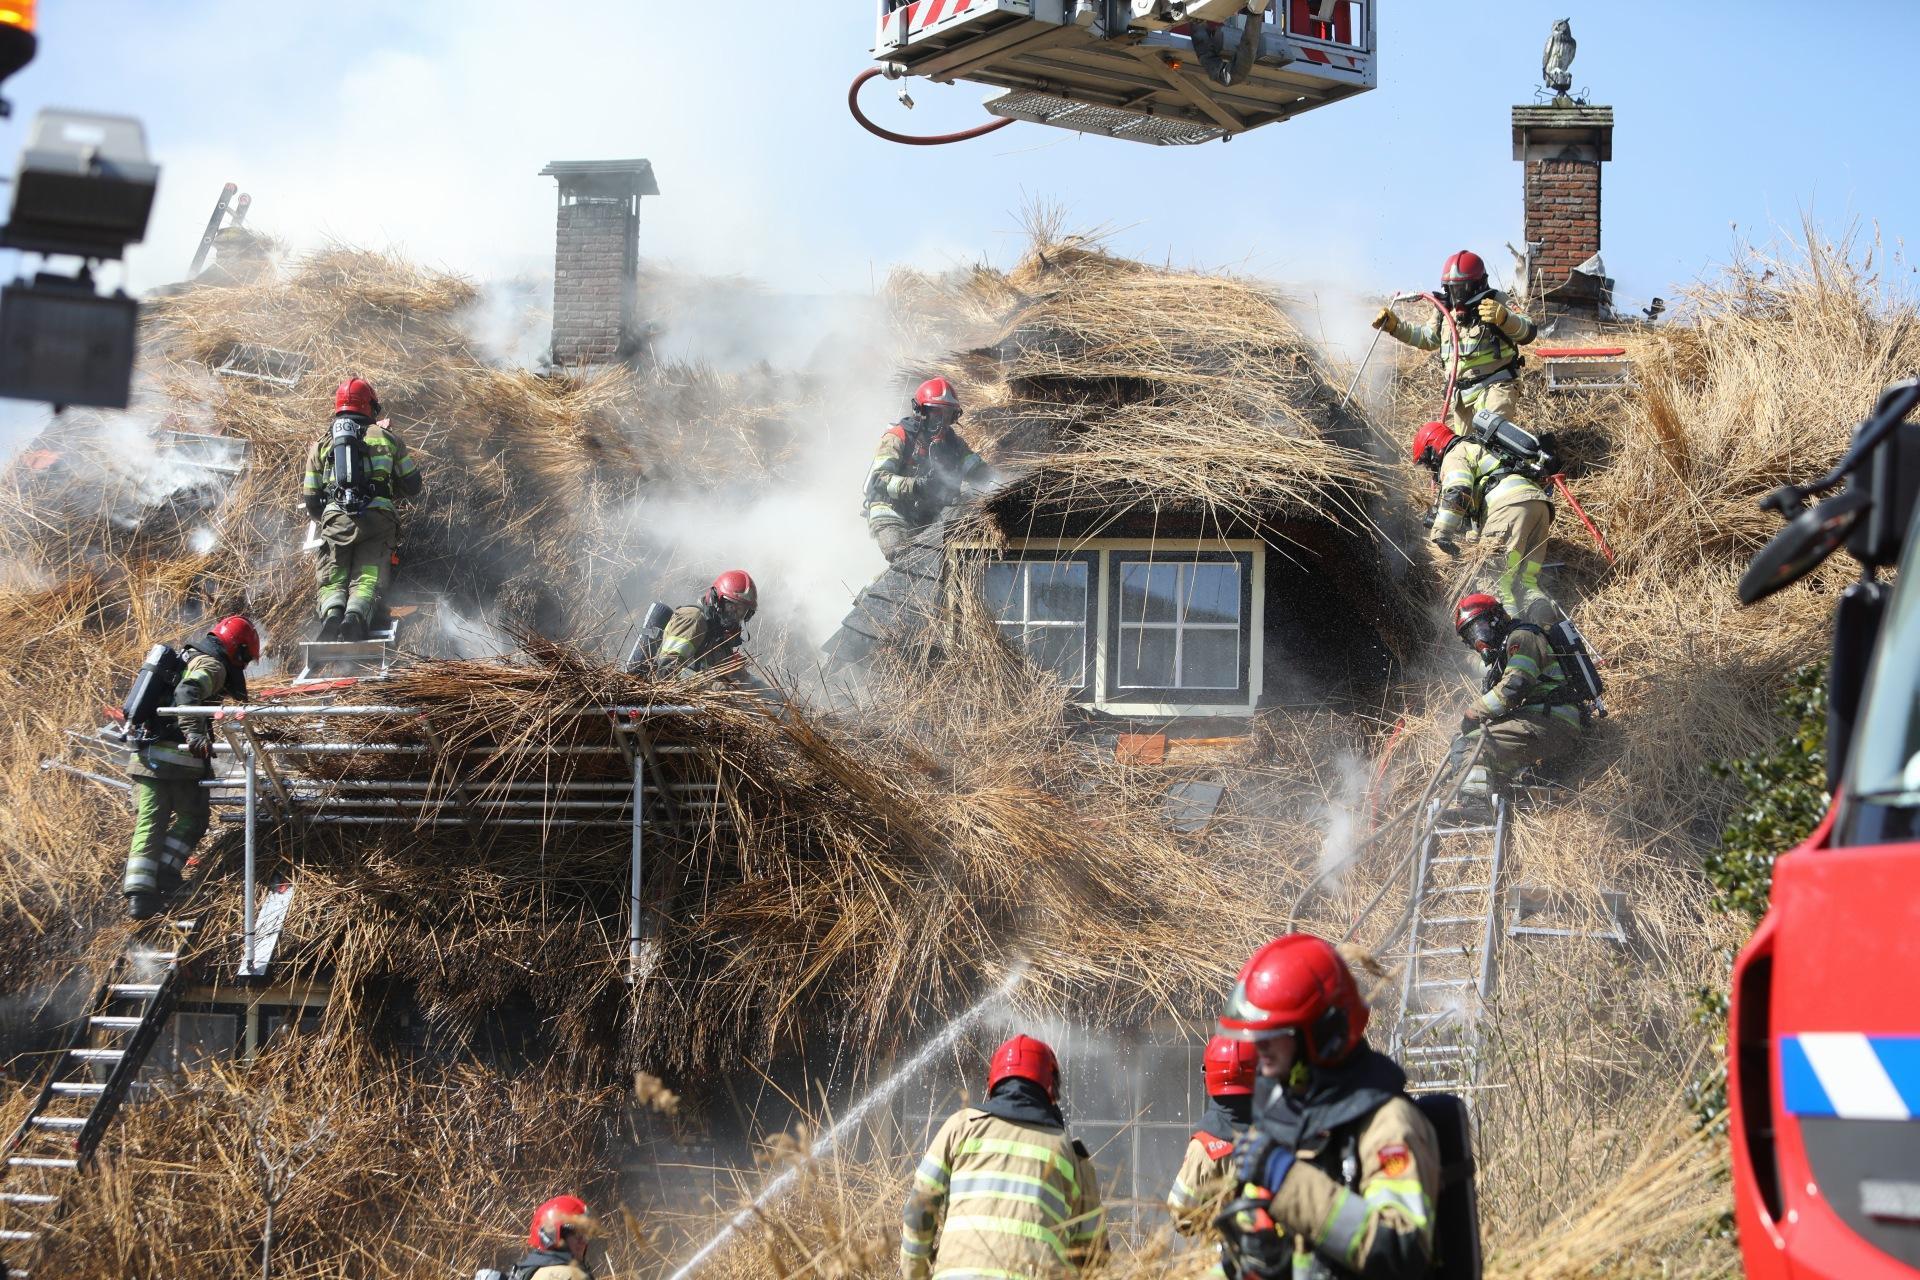 Brandweer heeft grote kluif aan brand in klassieke Larense boerderij met rietdak [video]